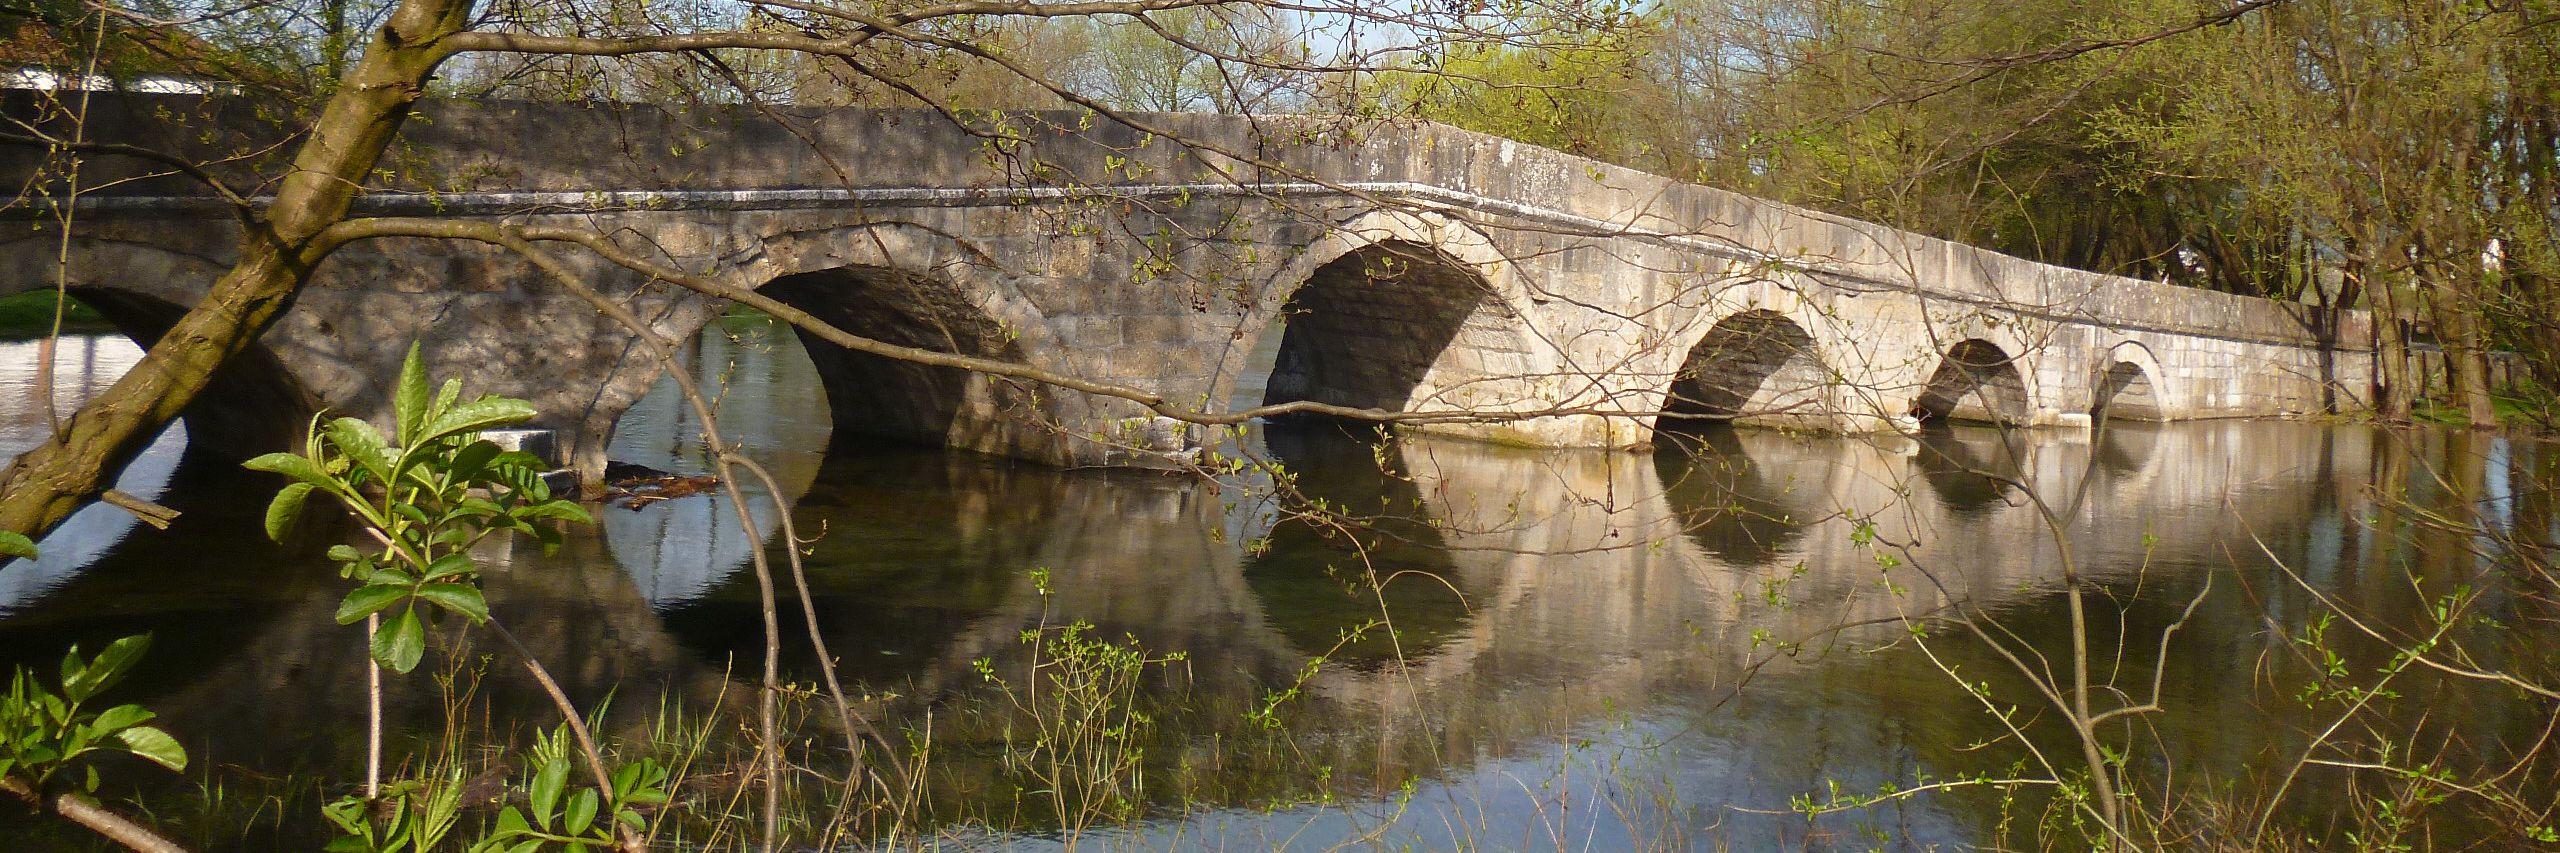 Римский мост в Илидже